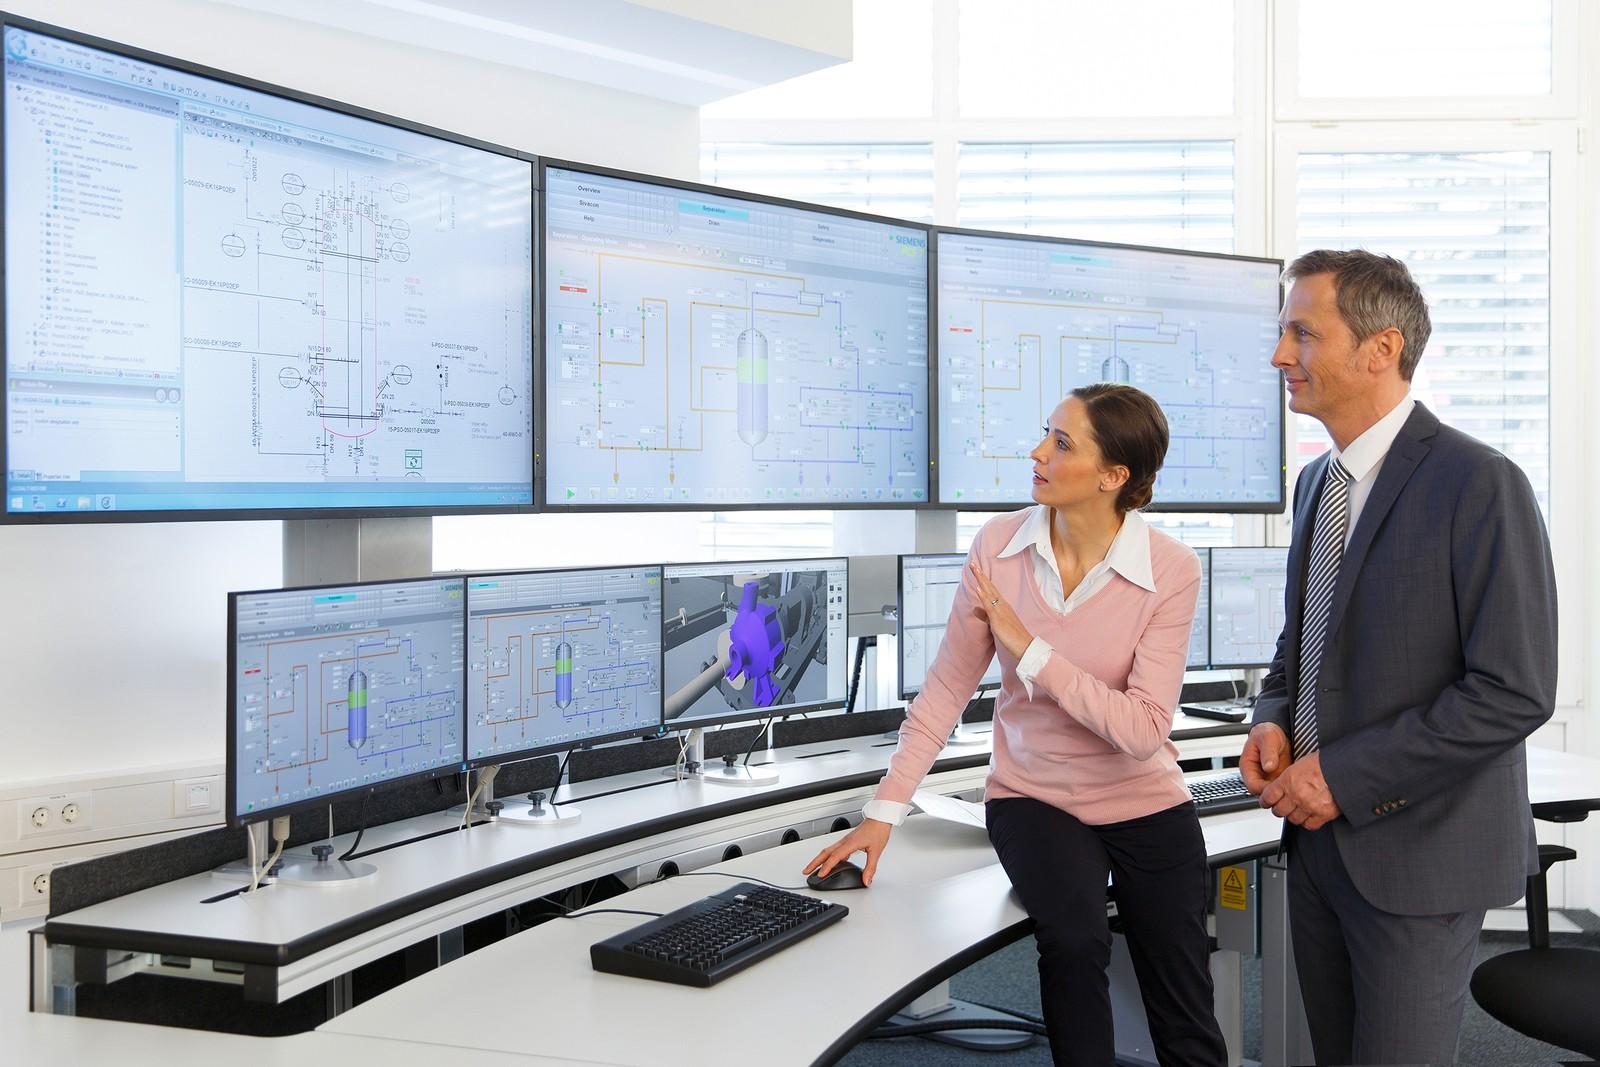 Mit Simit in der Version 9.1 ist nun auch die virtuelle Inbetriebnahme und das Operator-Training modularer Anlagen möglich.